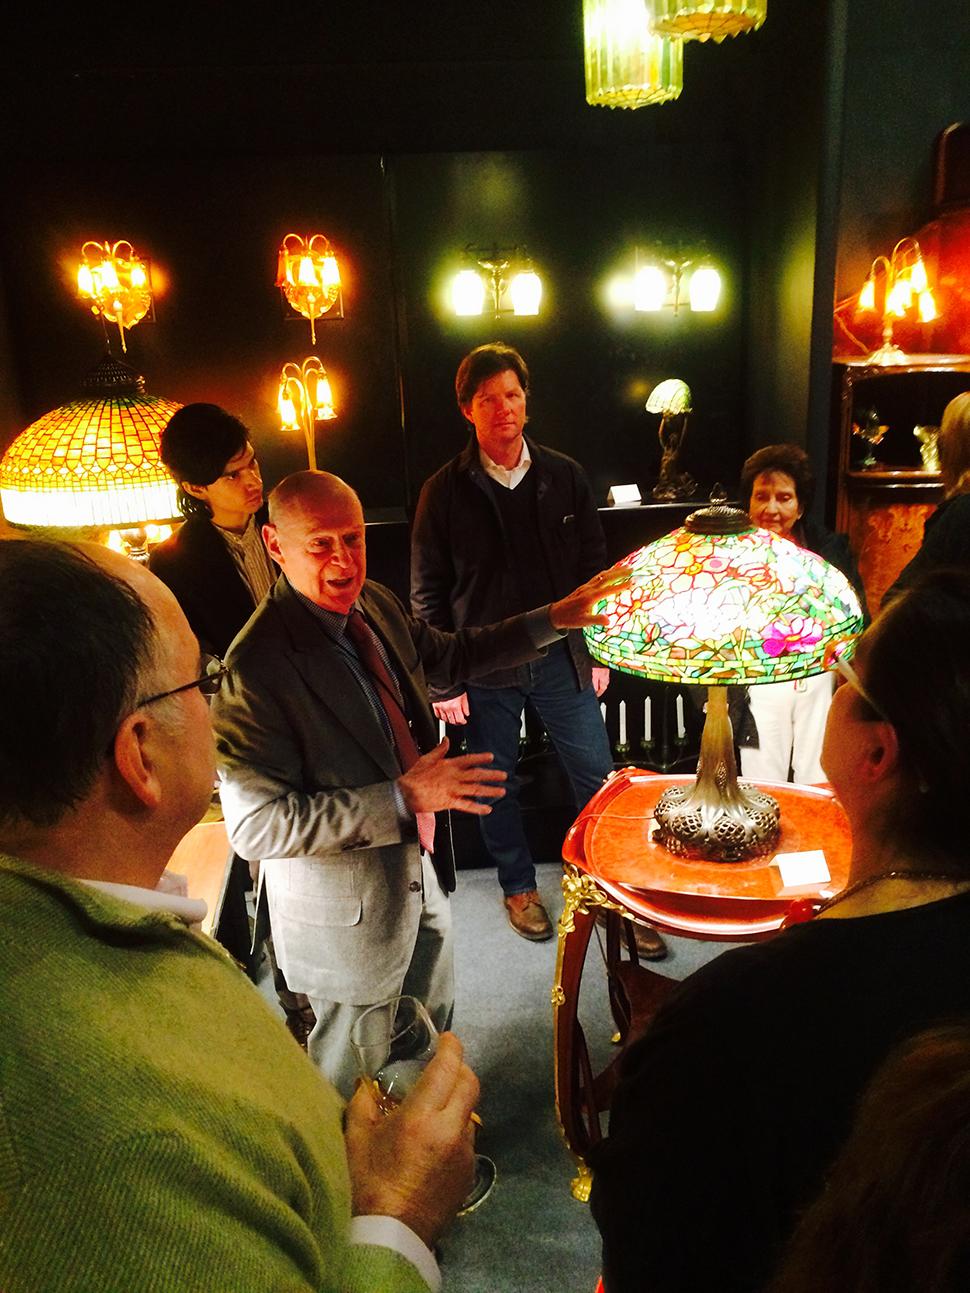 티파니 램프에 대해 설명하고 있는 도슨트